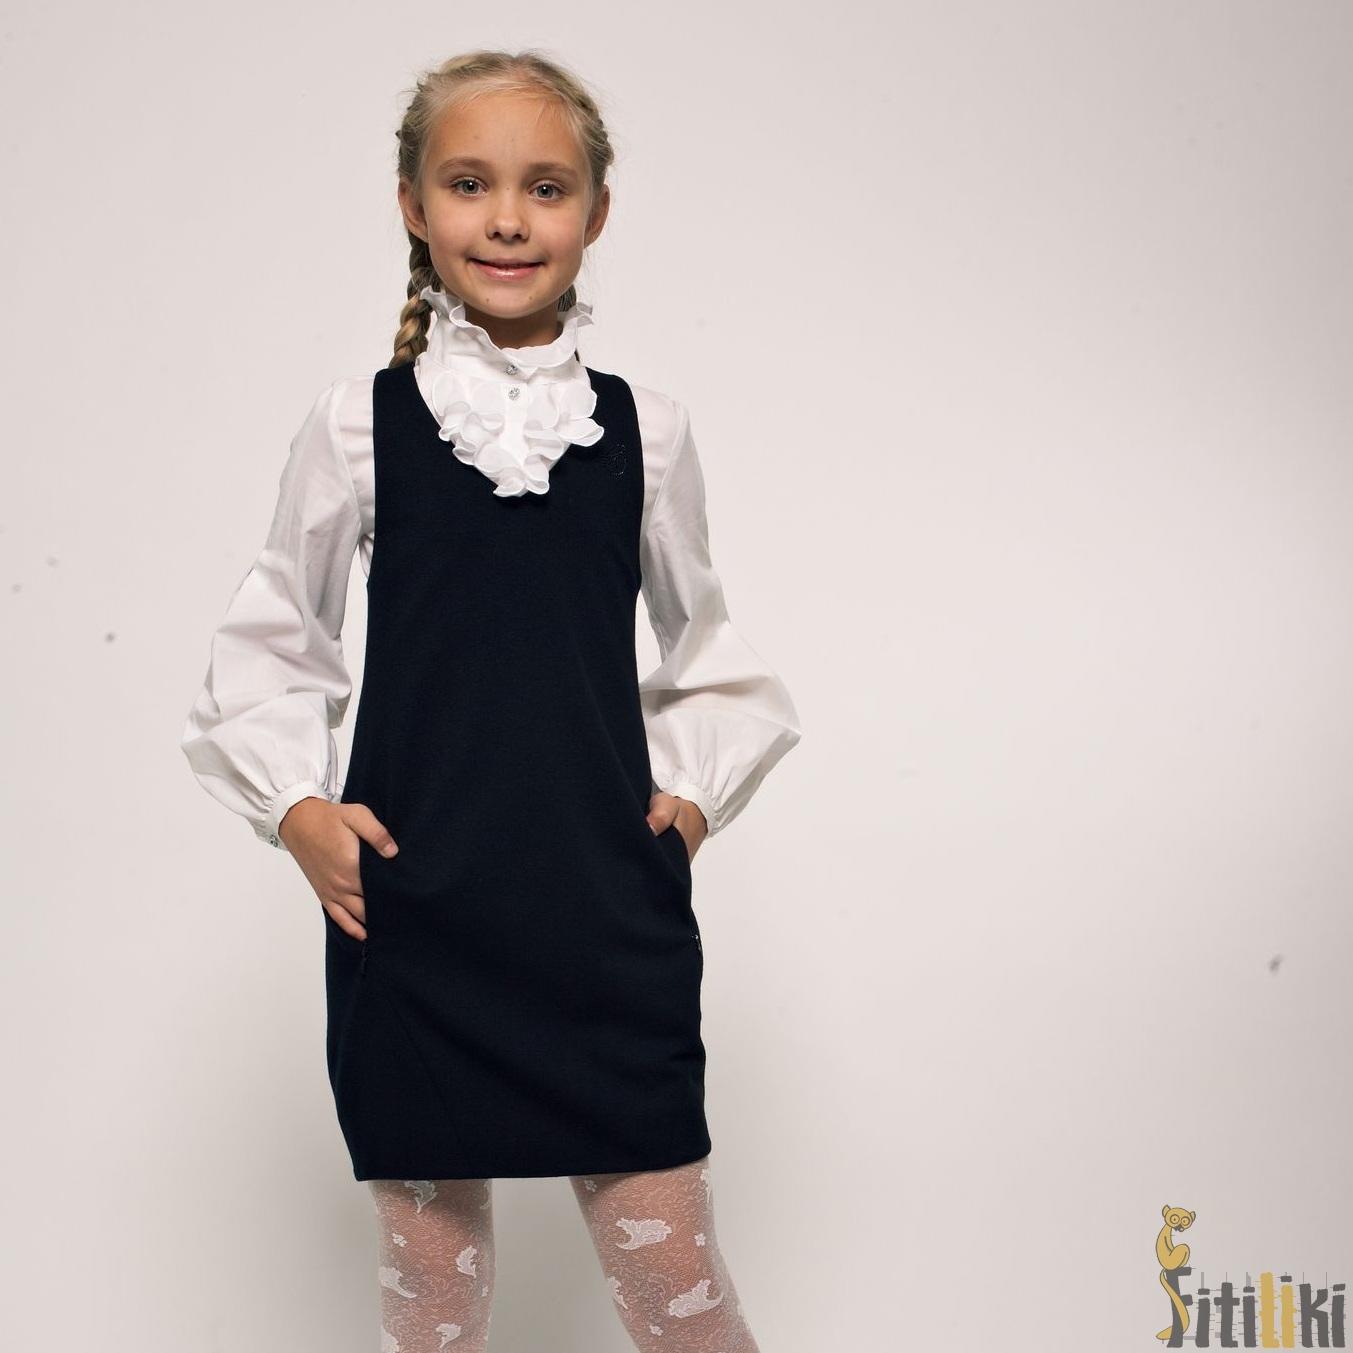 ... школьный для девочки Cleverly, Россия